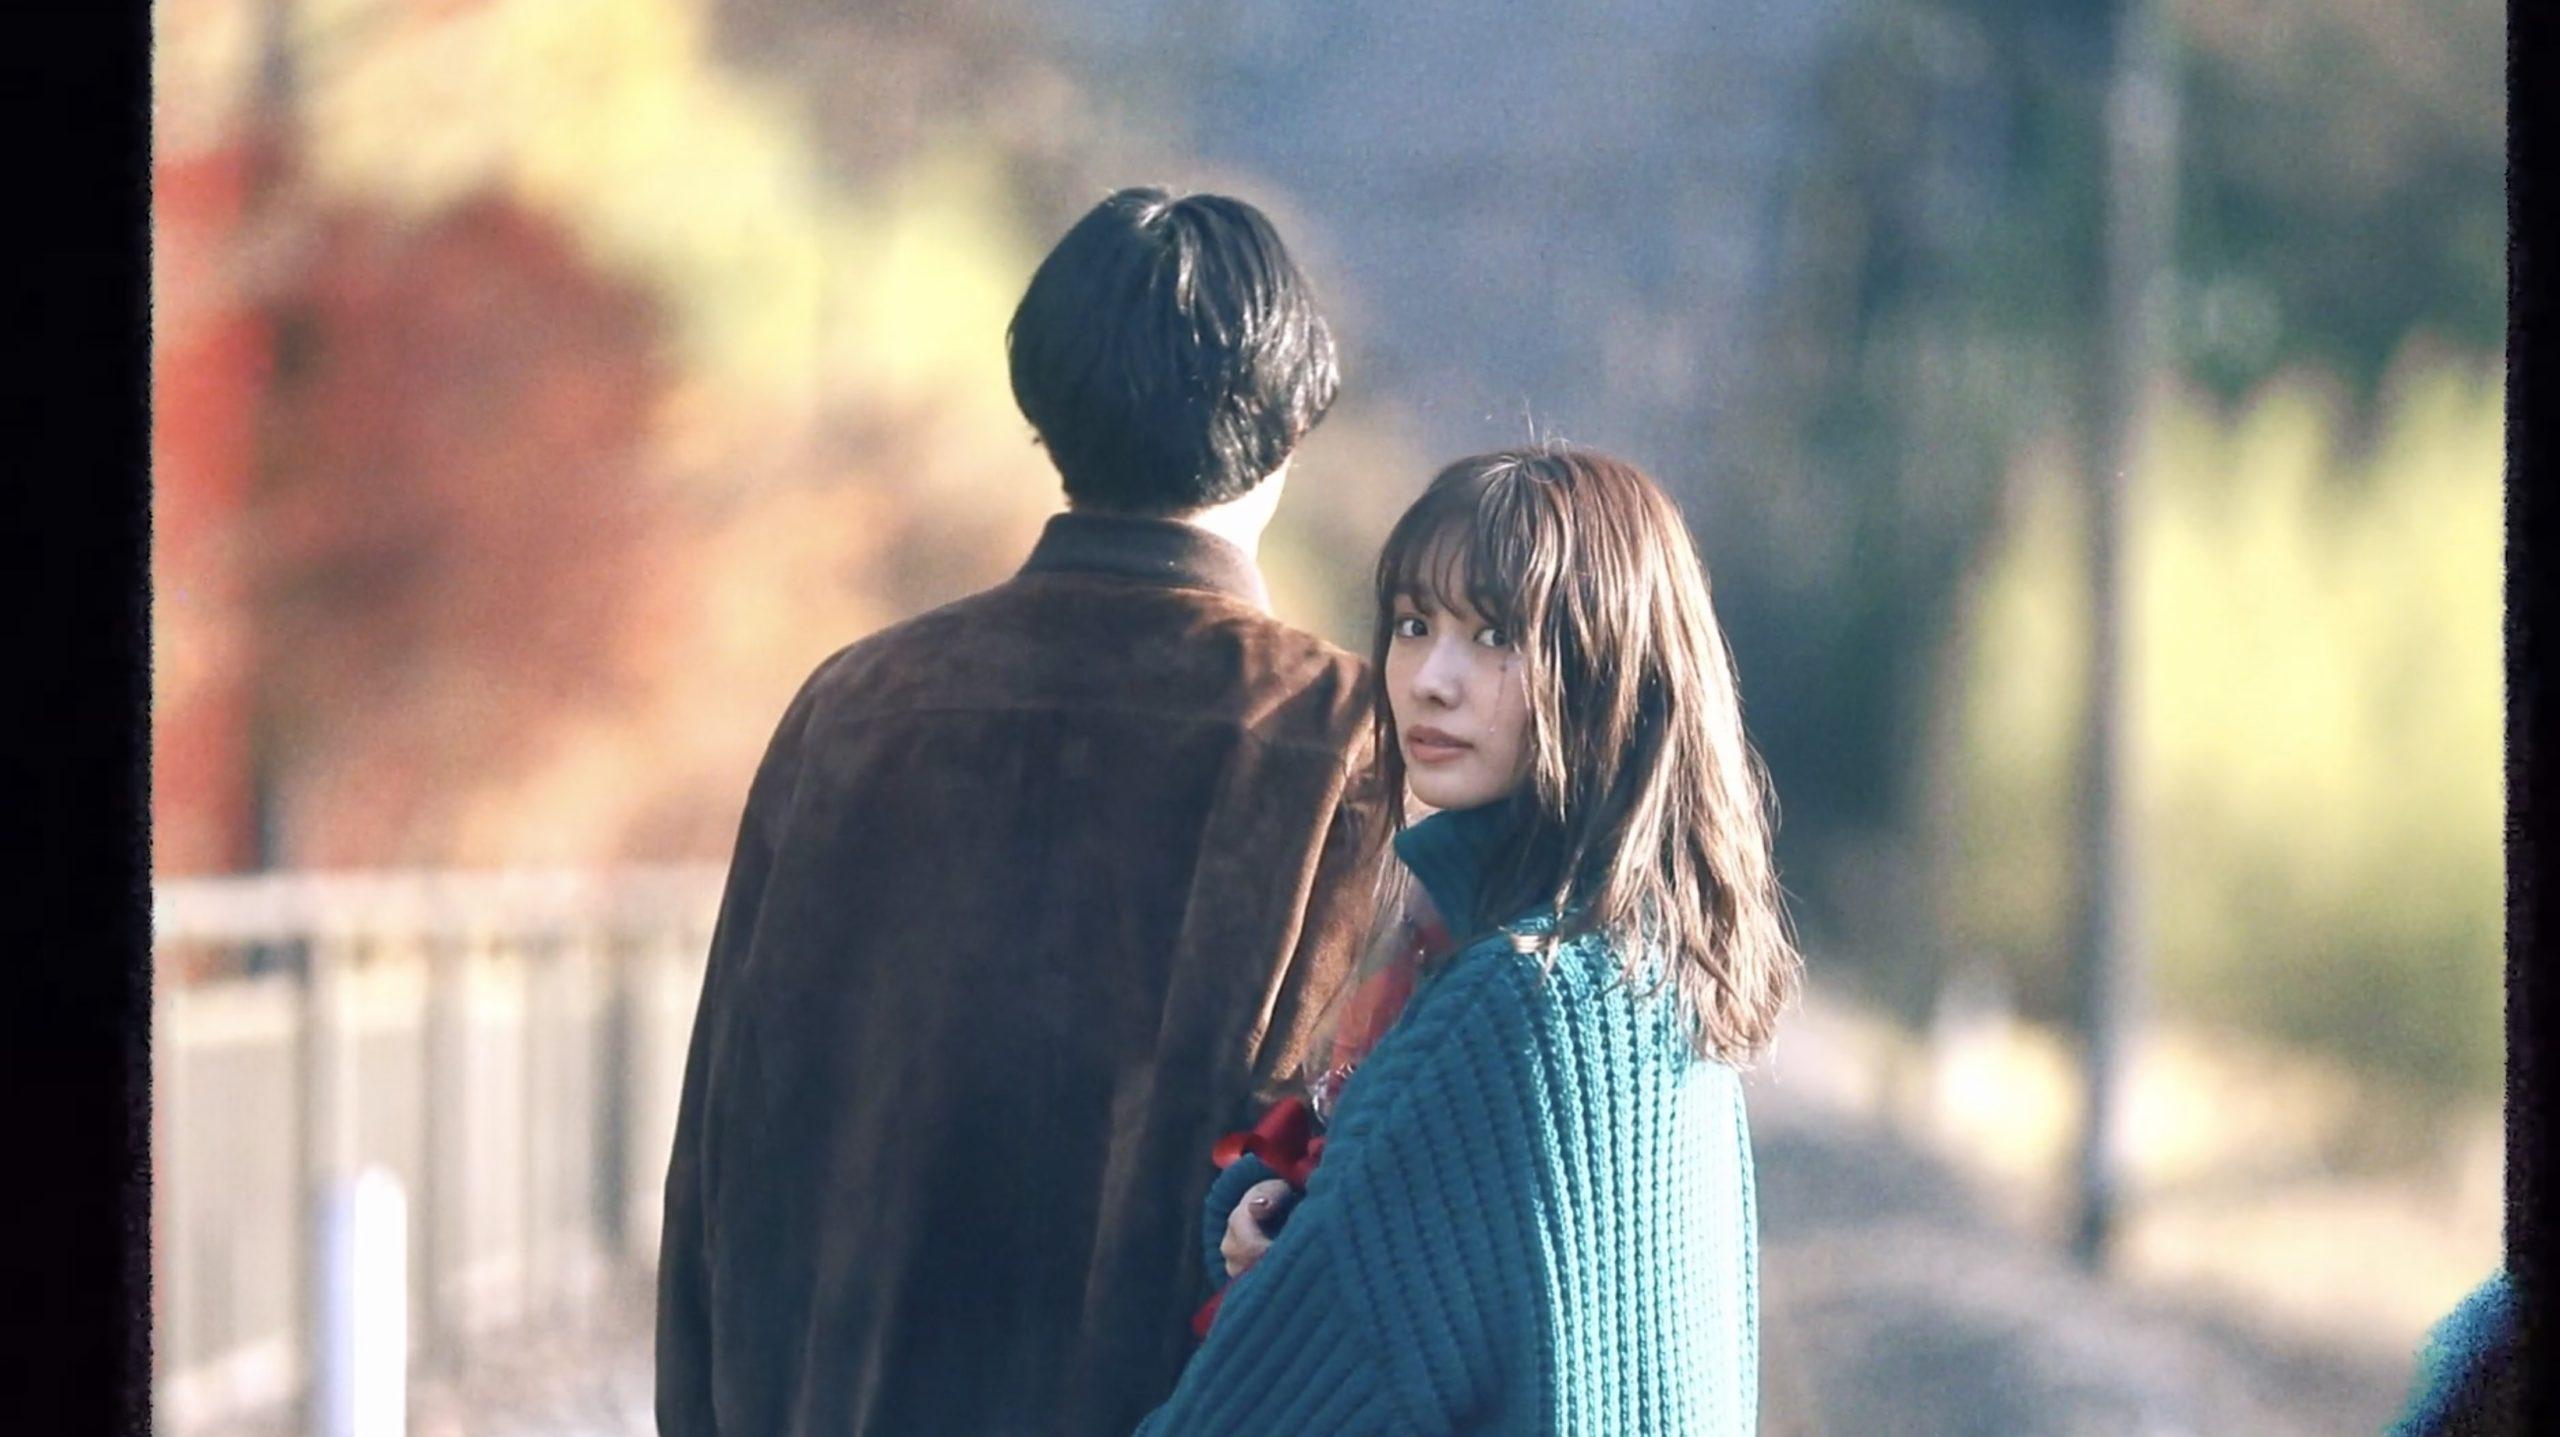 【前田希美】 MAGIC OF LiFE新アルバム「MAGIC」収録『記念日』 オフィシャルPV出演